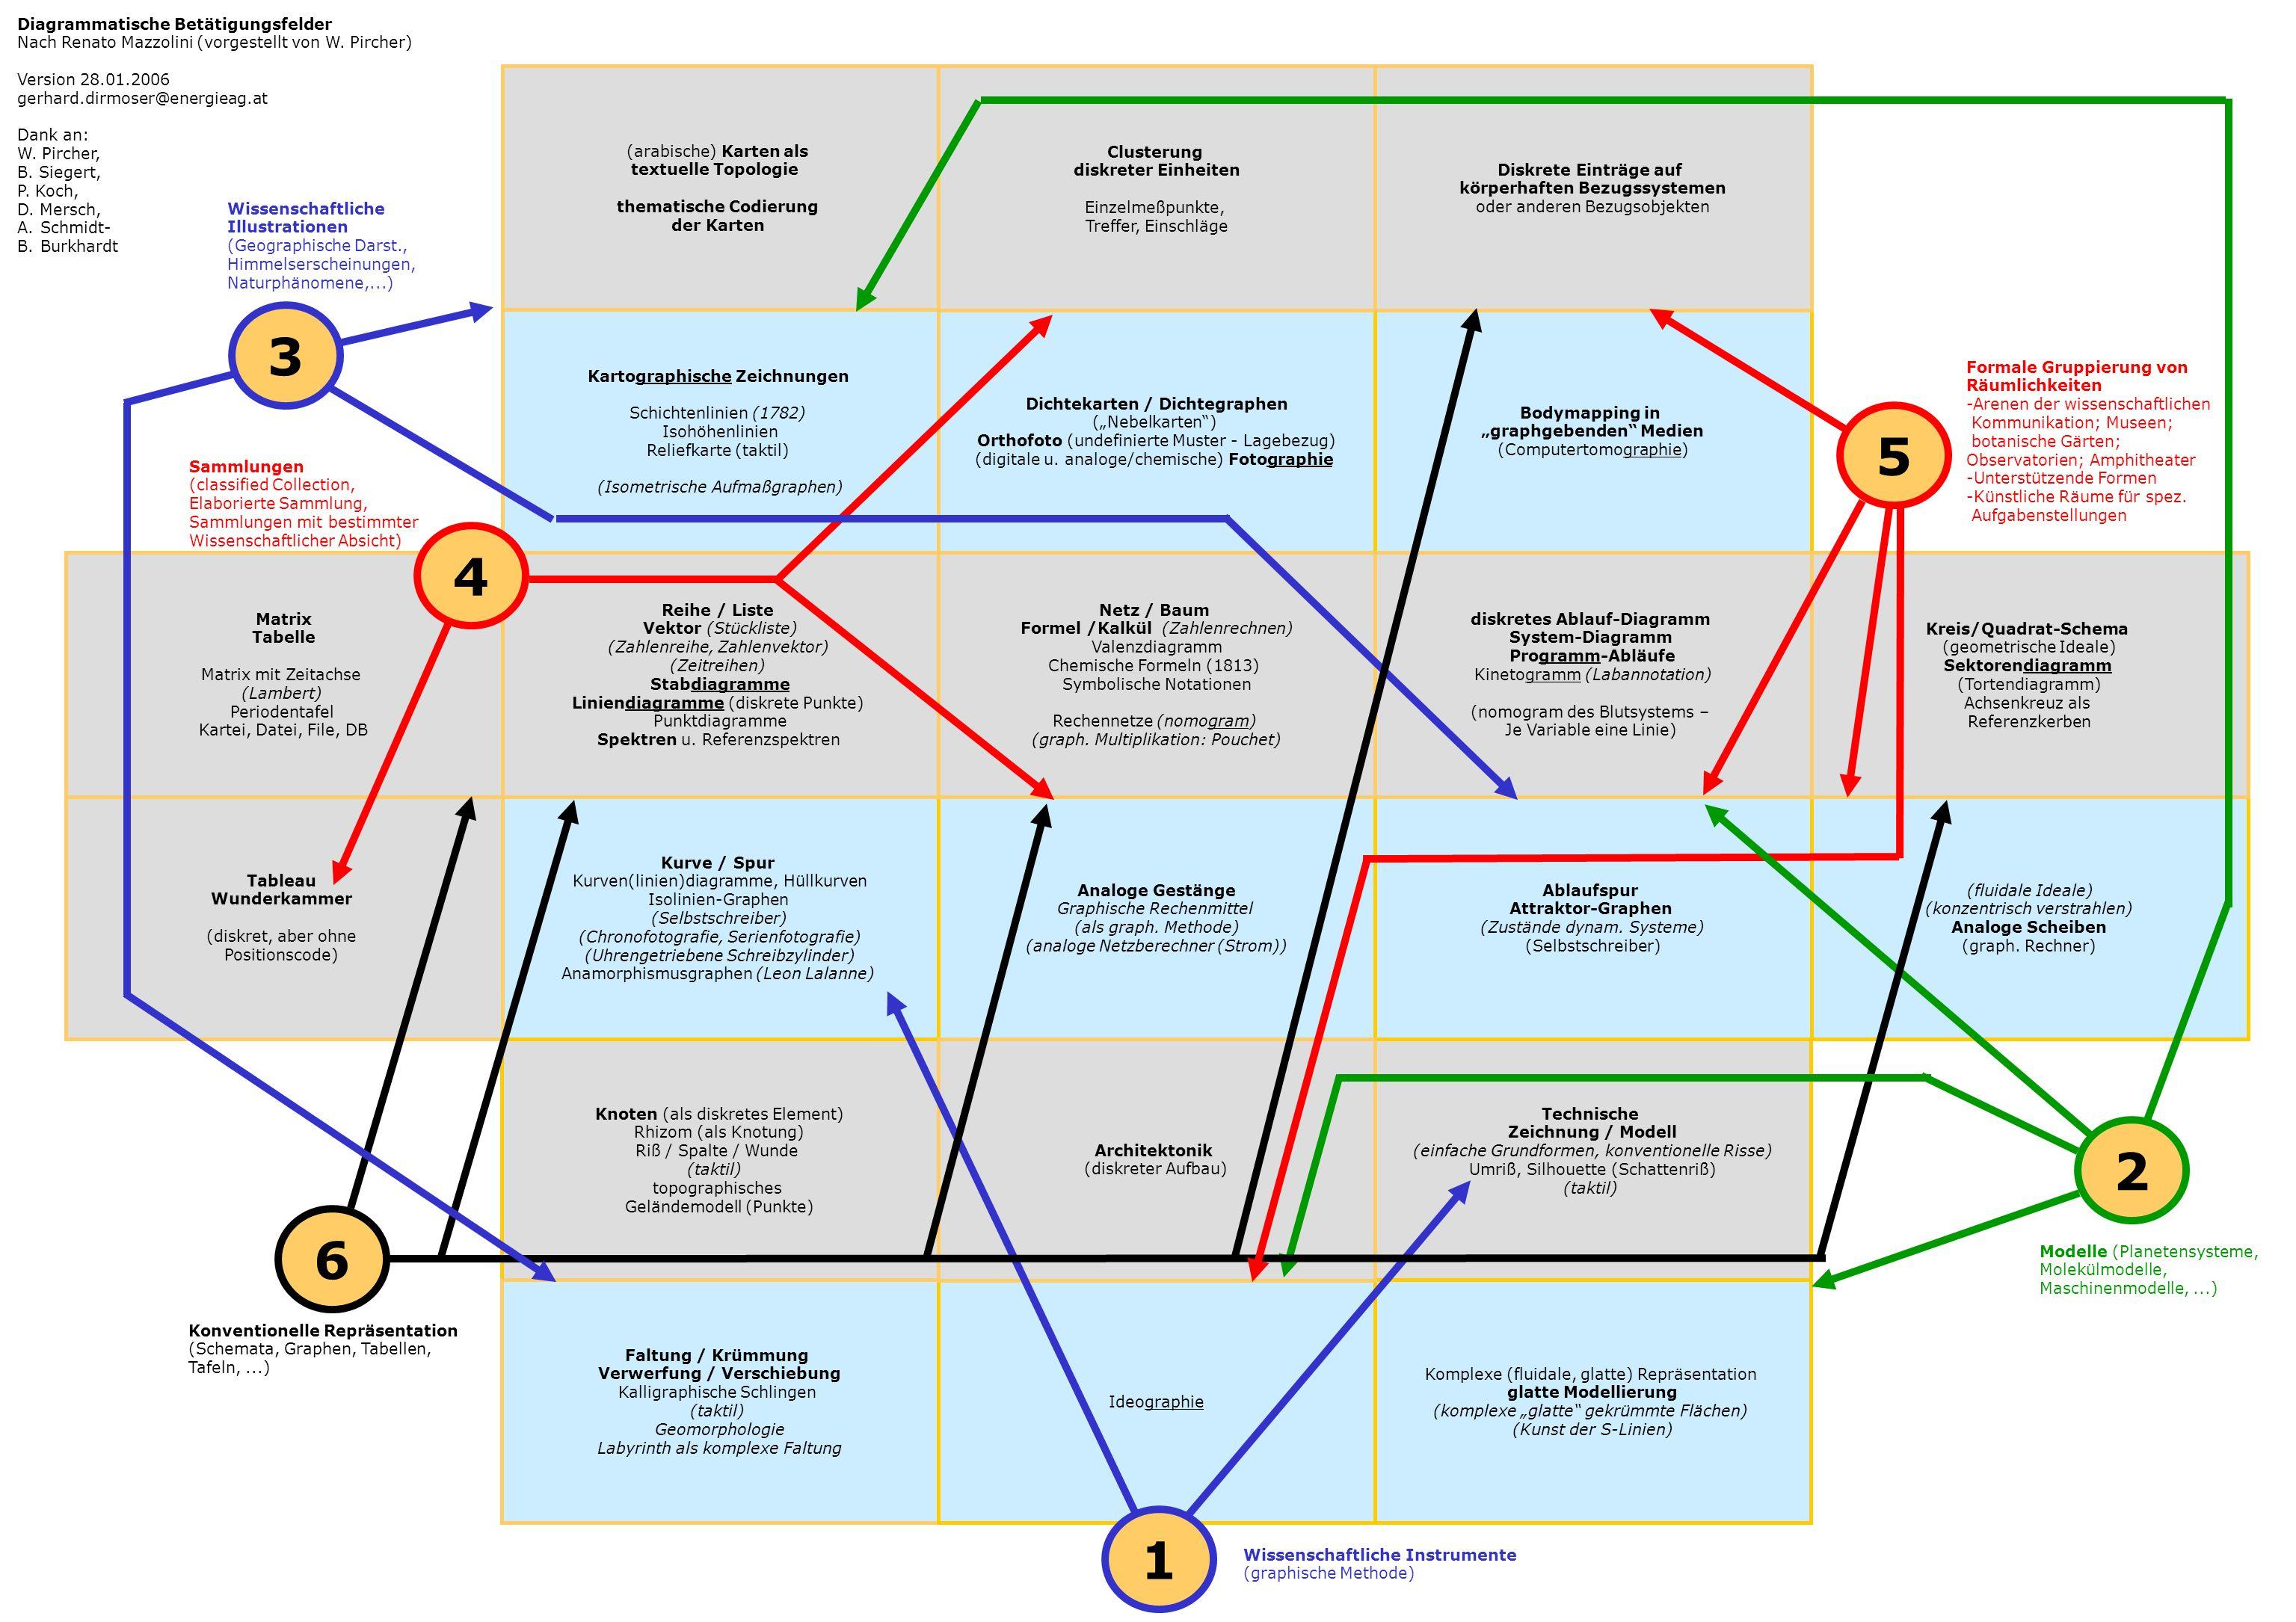 Dichtekarten / Dichtegraphen (Nebelkarten) Orthofoto (undefinierte Muster - Lagebezug) (digitale u. analoge/chemische) Fotographie Bodymapping in grap